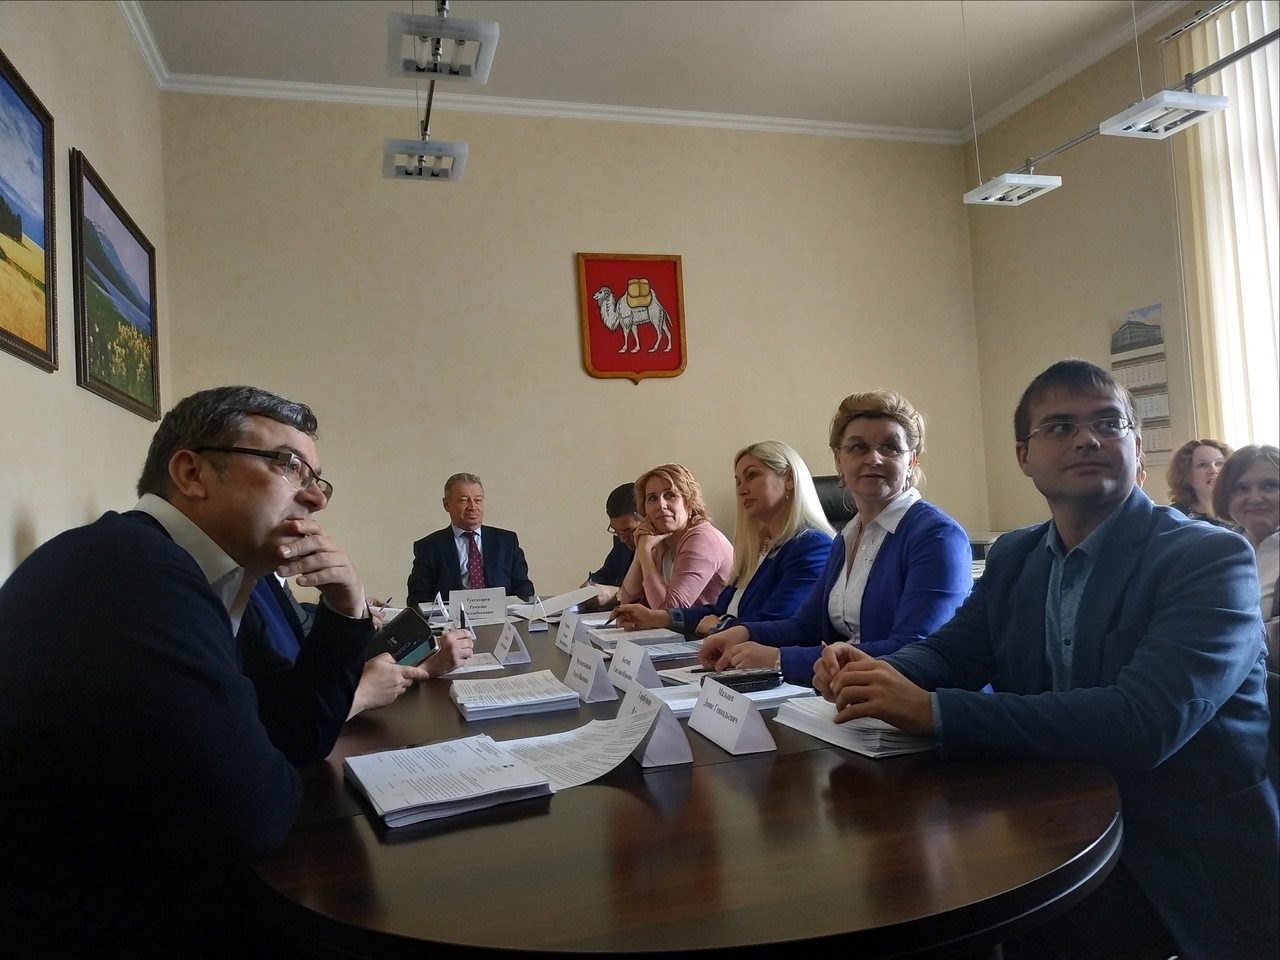 Депутаты Законодательного собрания одобрили изменения в региональный закон о наградах, предложив